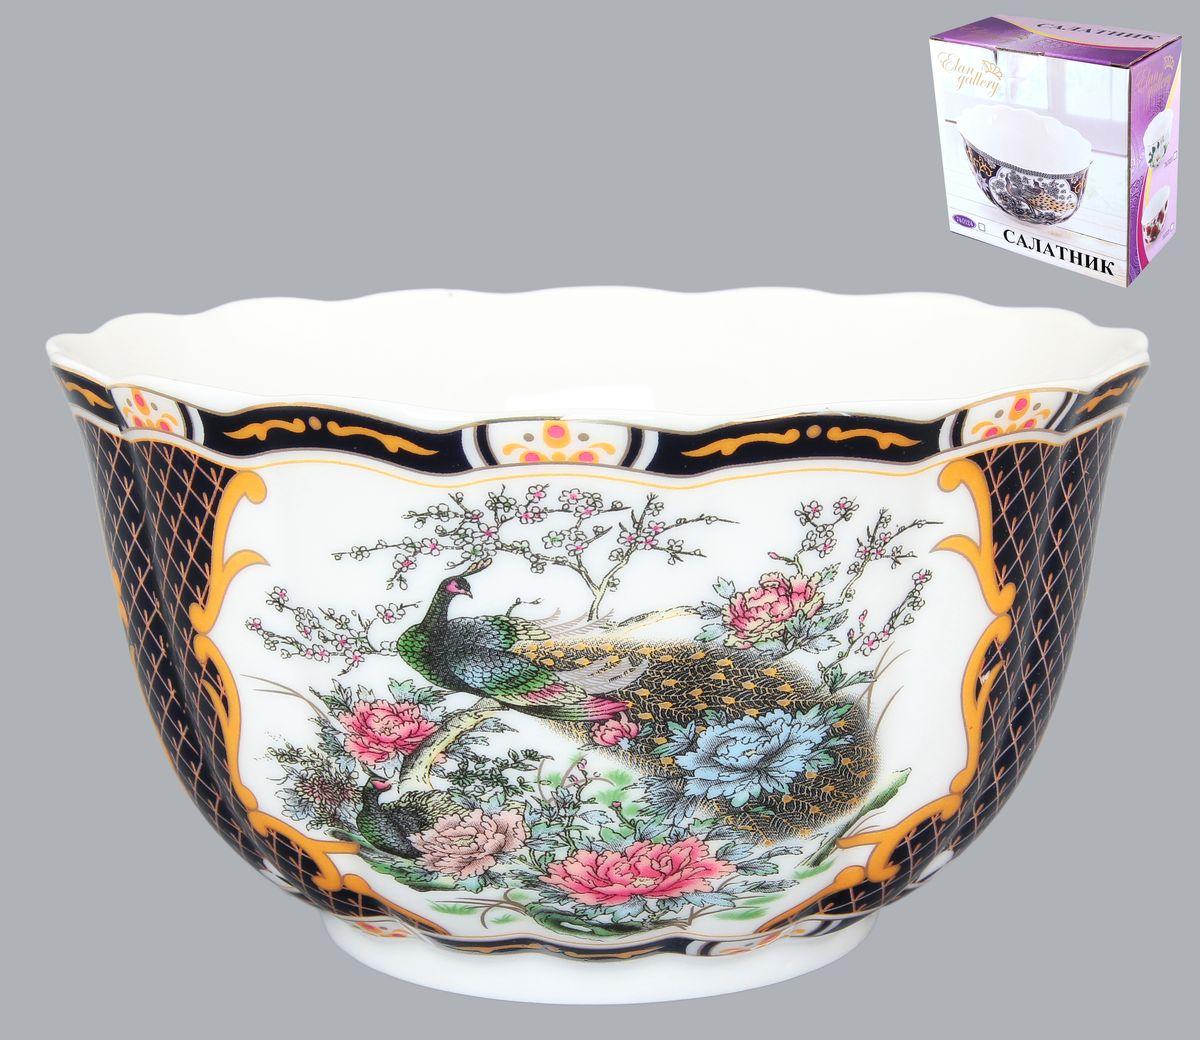 Салатник Elan Gallery Павлин, 850 мл740123Великолепный салатник с волнистым краем Elan Gallery Павлин, изготовленный из высококачественной керамики, прекрасно подойдет для подачи различных блюд: закусок, салатов или фруктов. Такой салатник украсит ваш праздничный или обеденный стол, а оригинальное исполнение понравится любой хозяйке. Диаметр салатника (по верхнему краю): 16 см. Высота салатника: 9 см. Объем салатника: 850 мл.